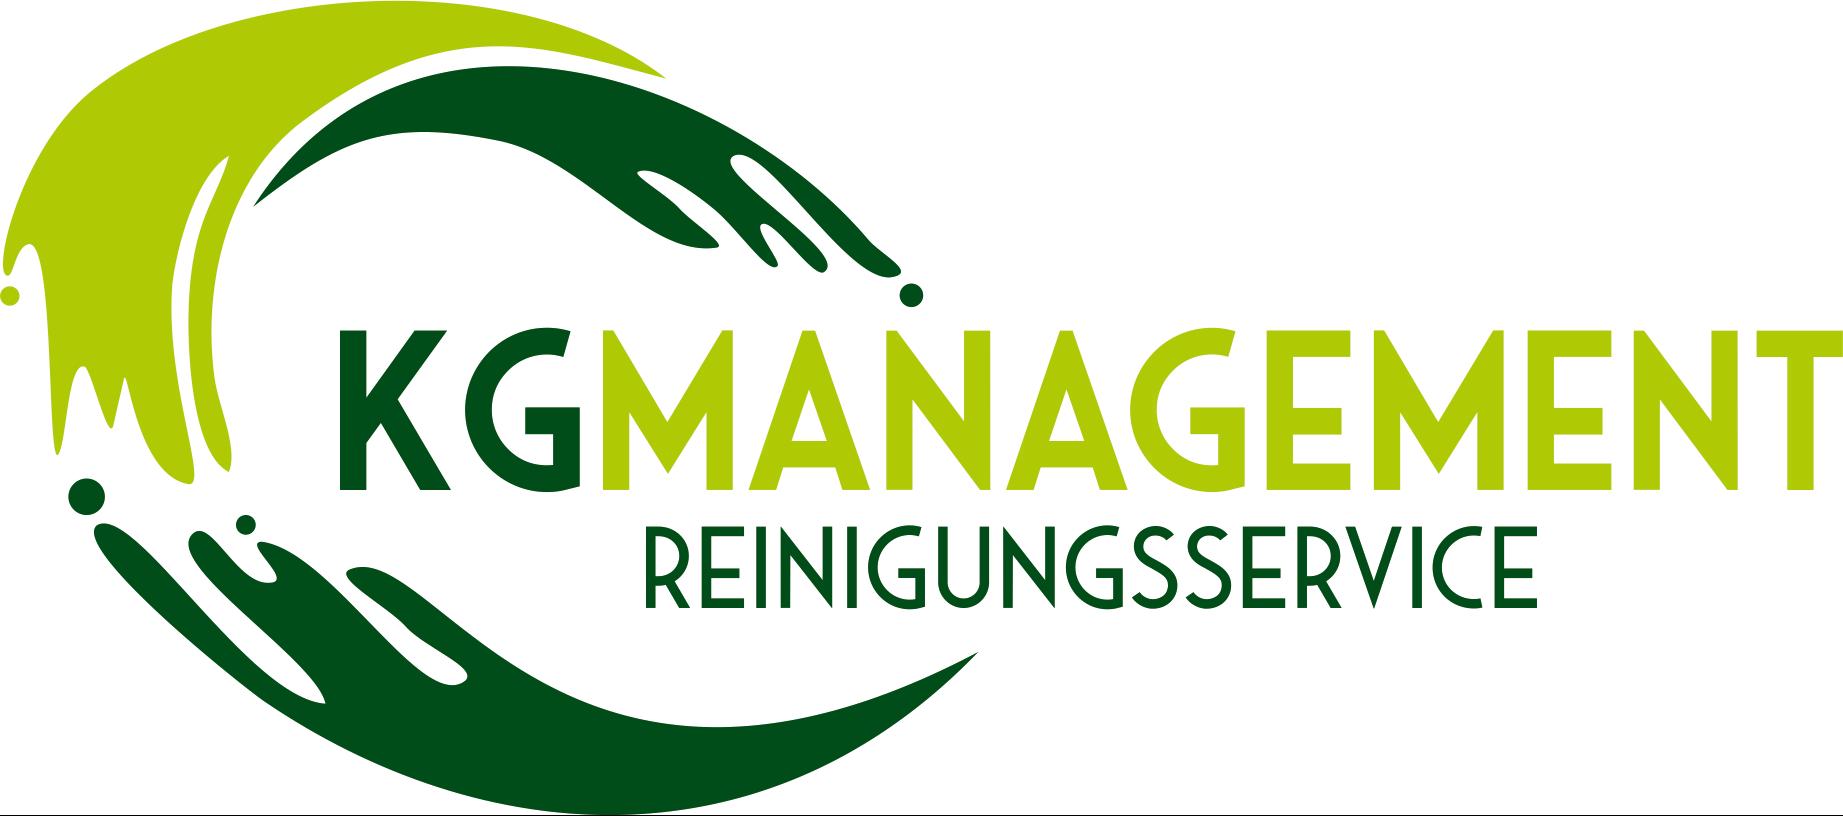 KG Management